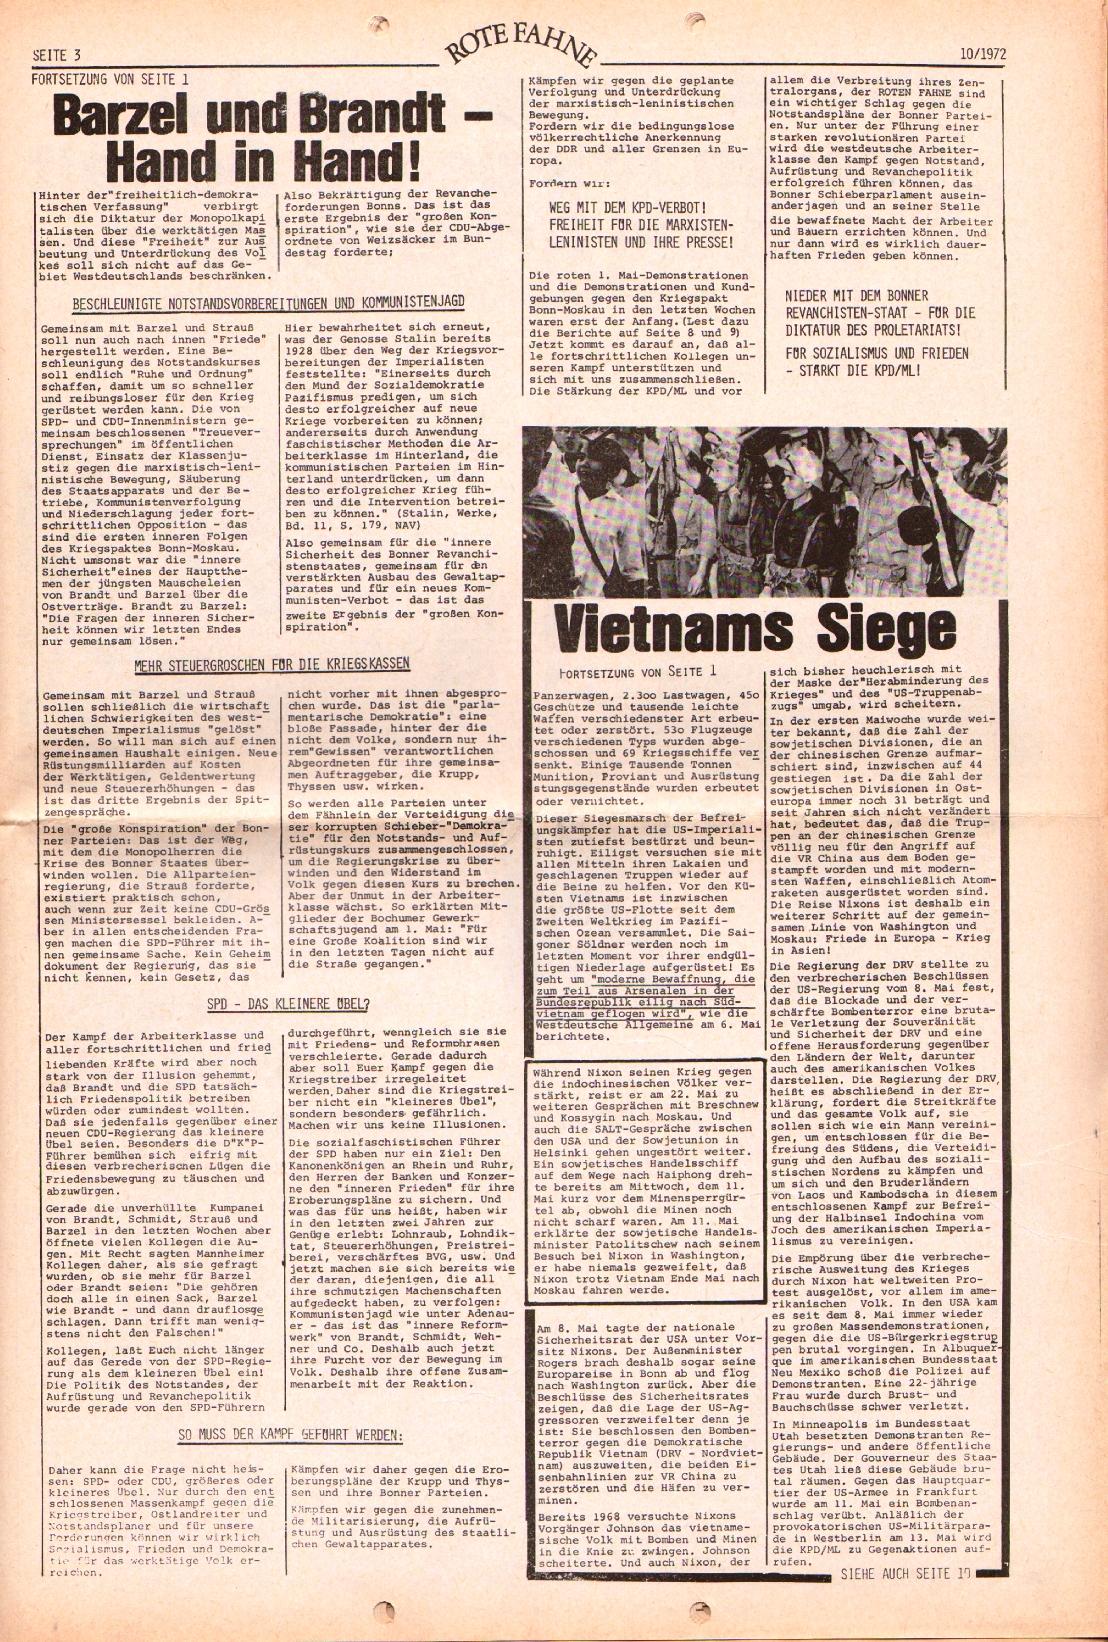 Rote Fahne, 3. Jg., 15.5.1972, Nr. 10, Seite 3